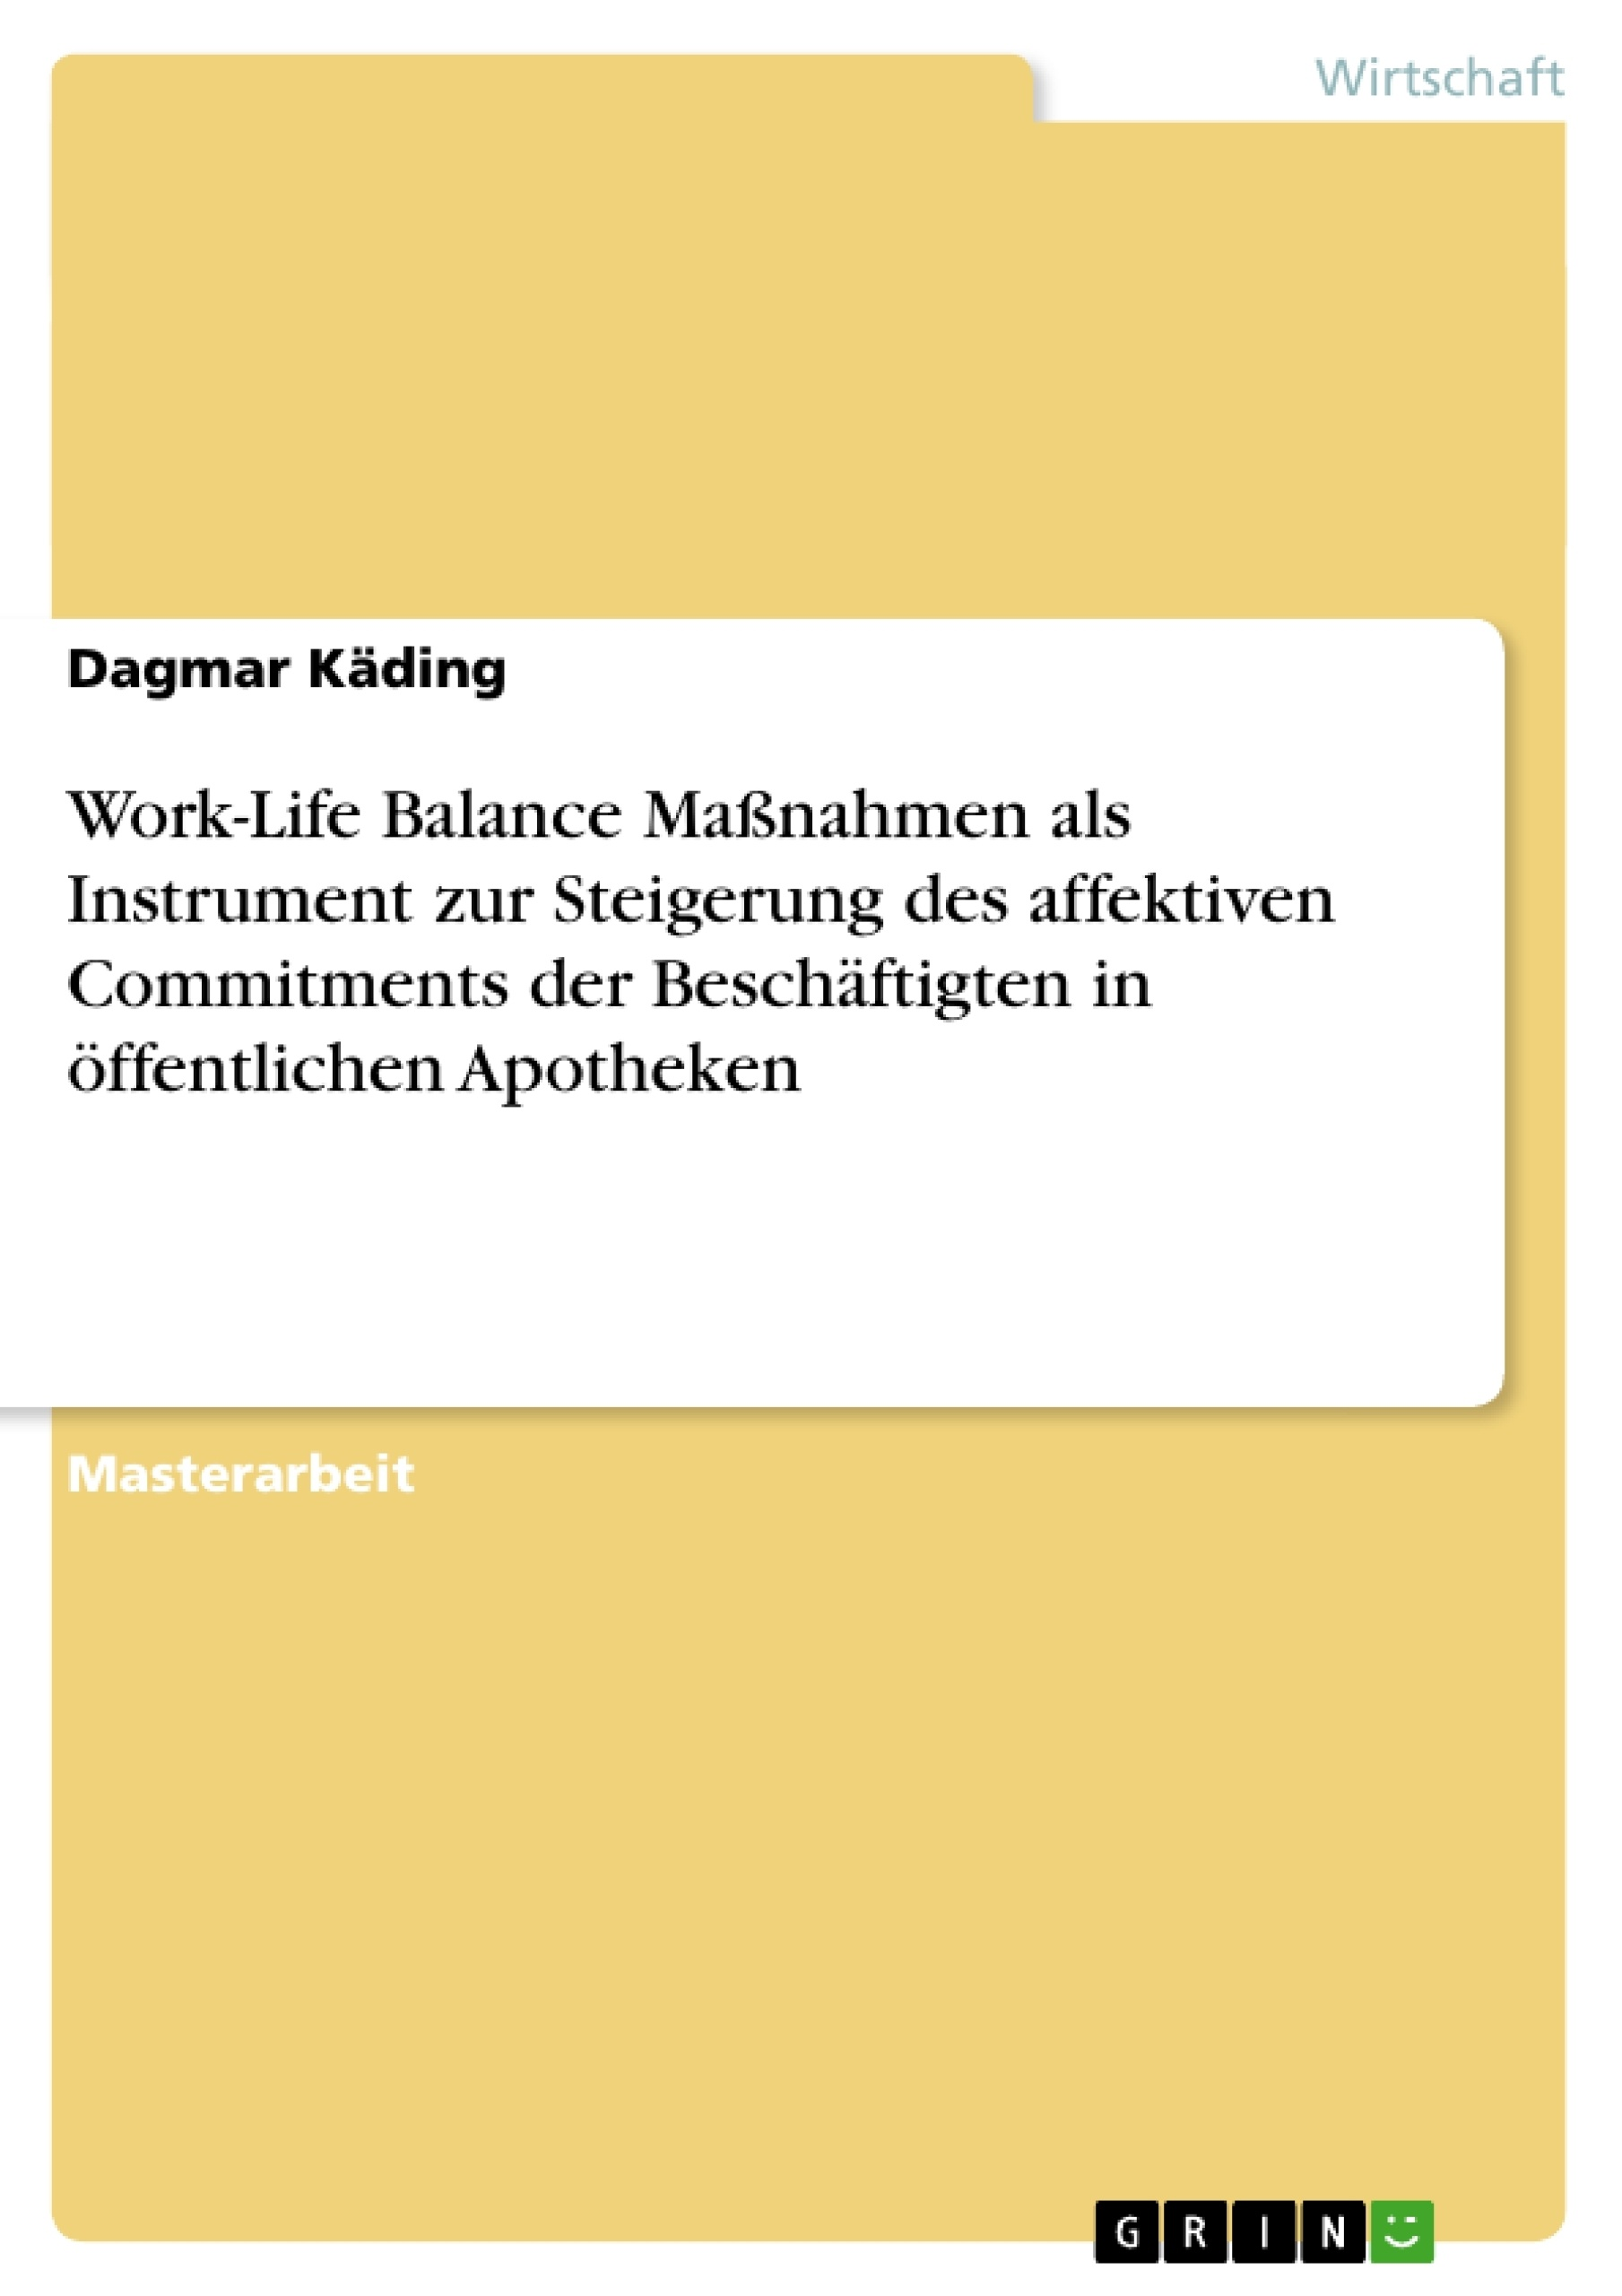 Titel: Work-Life Balance Maßnahmen als Instrument zur Steigerung des affektiven Commitments der Beschäftigten in öffentlichen Apotheken